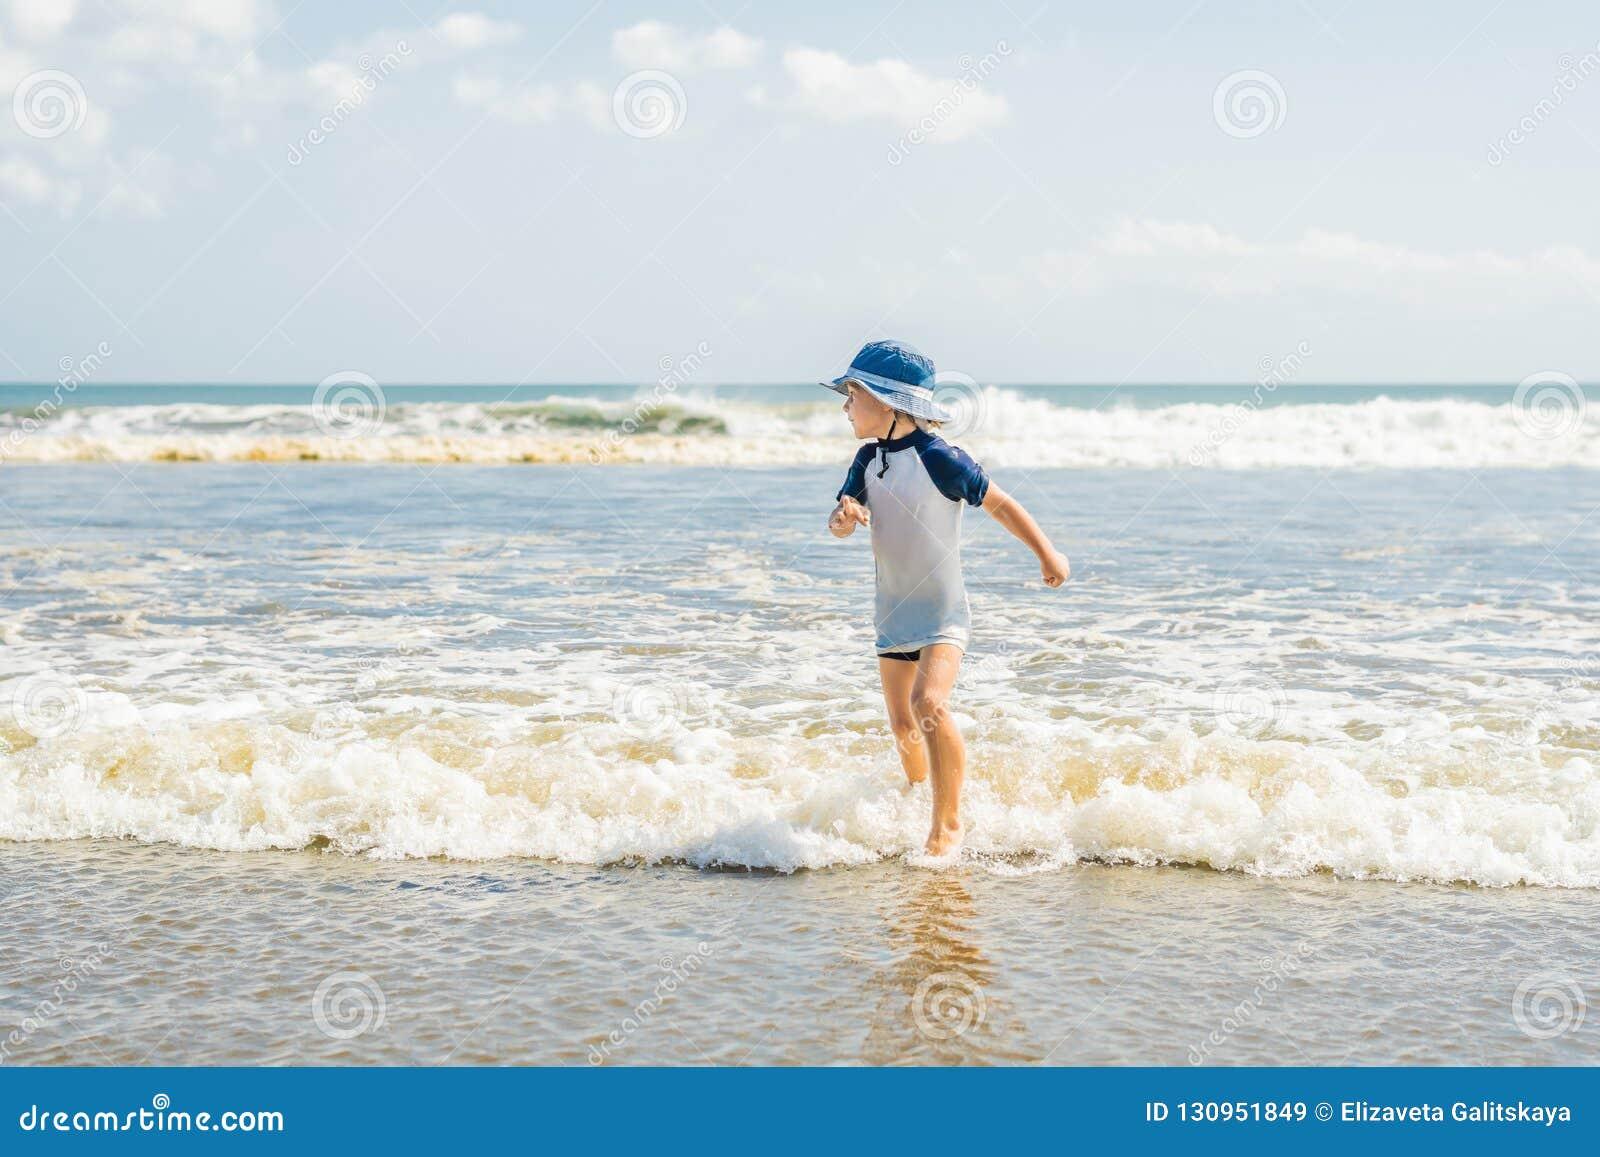 Παιχνίδι αγοριών στην παραλία στο νερό